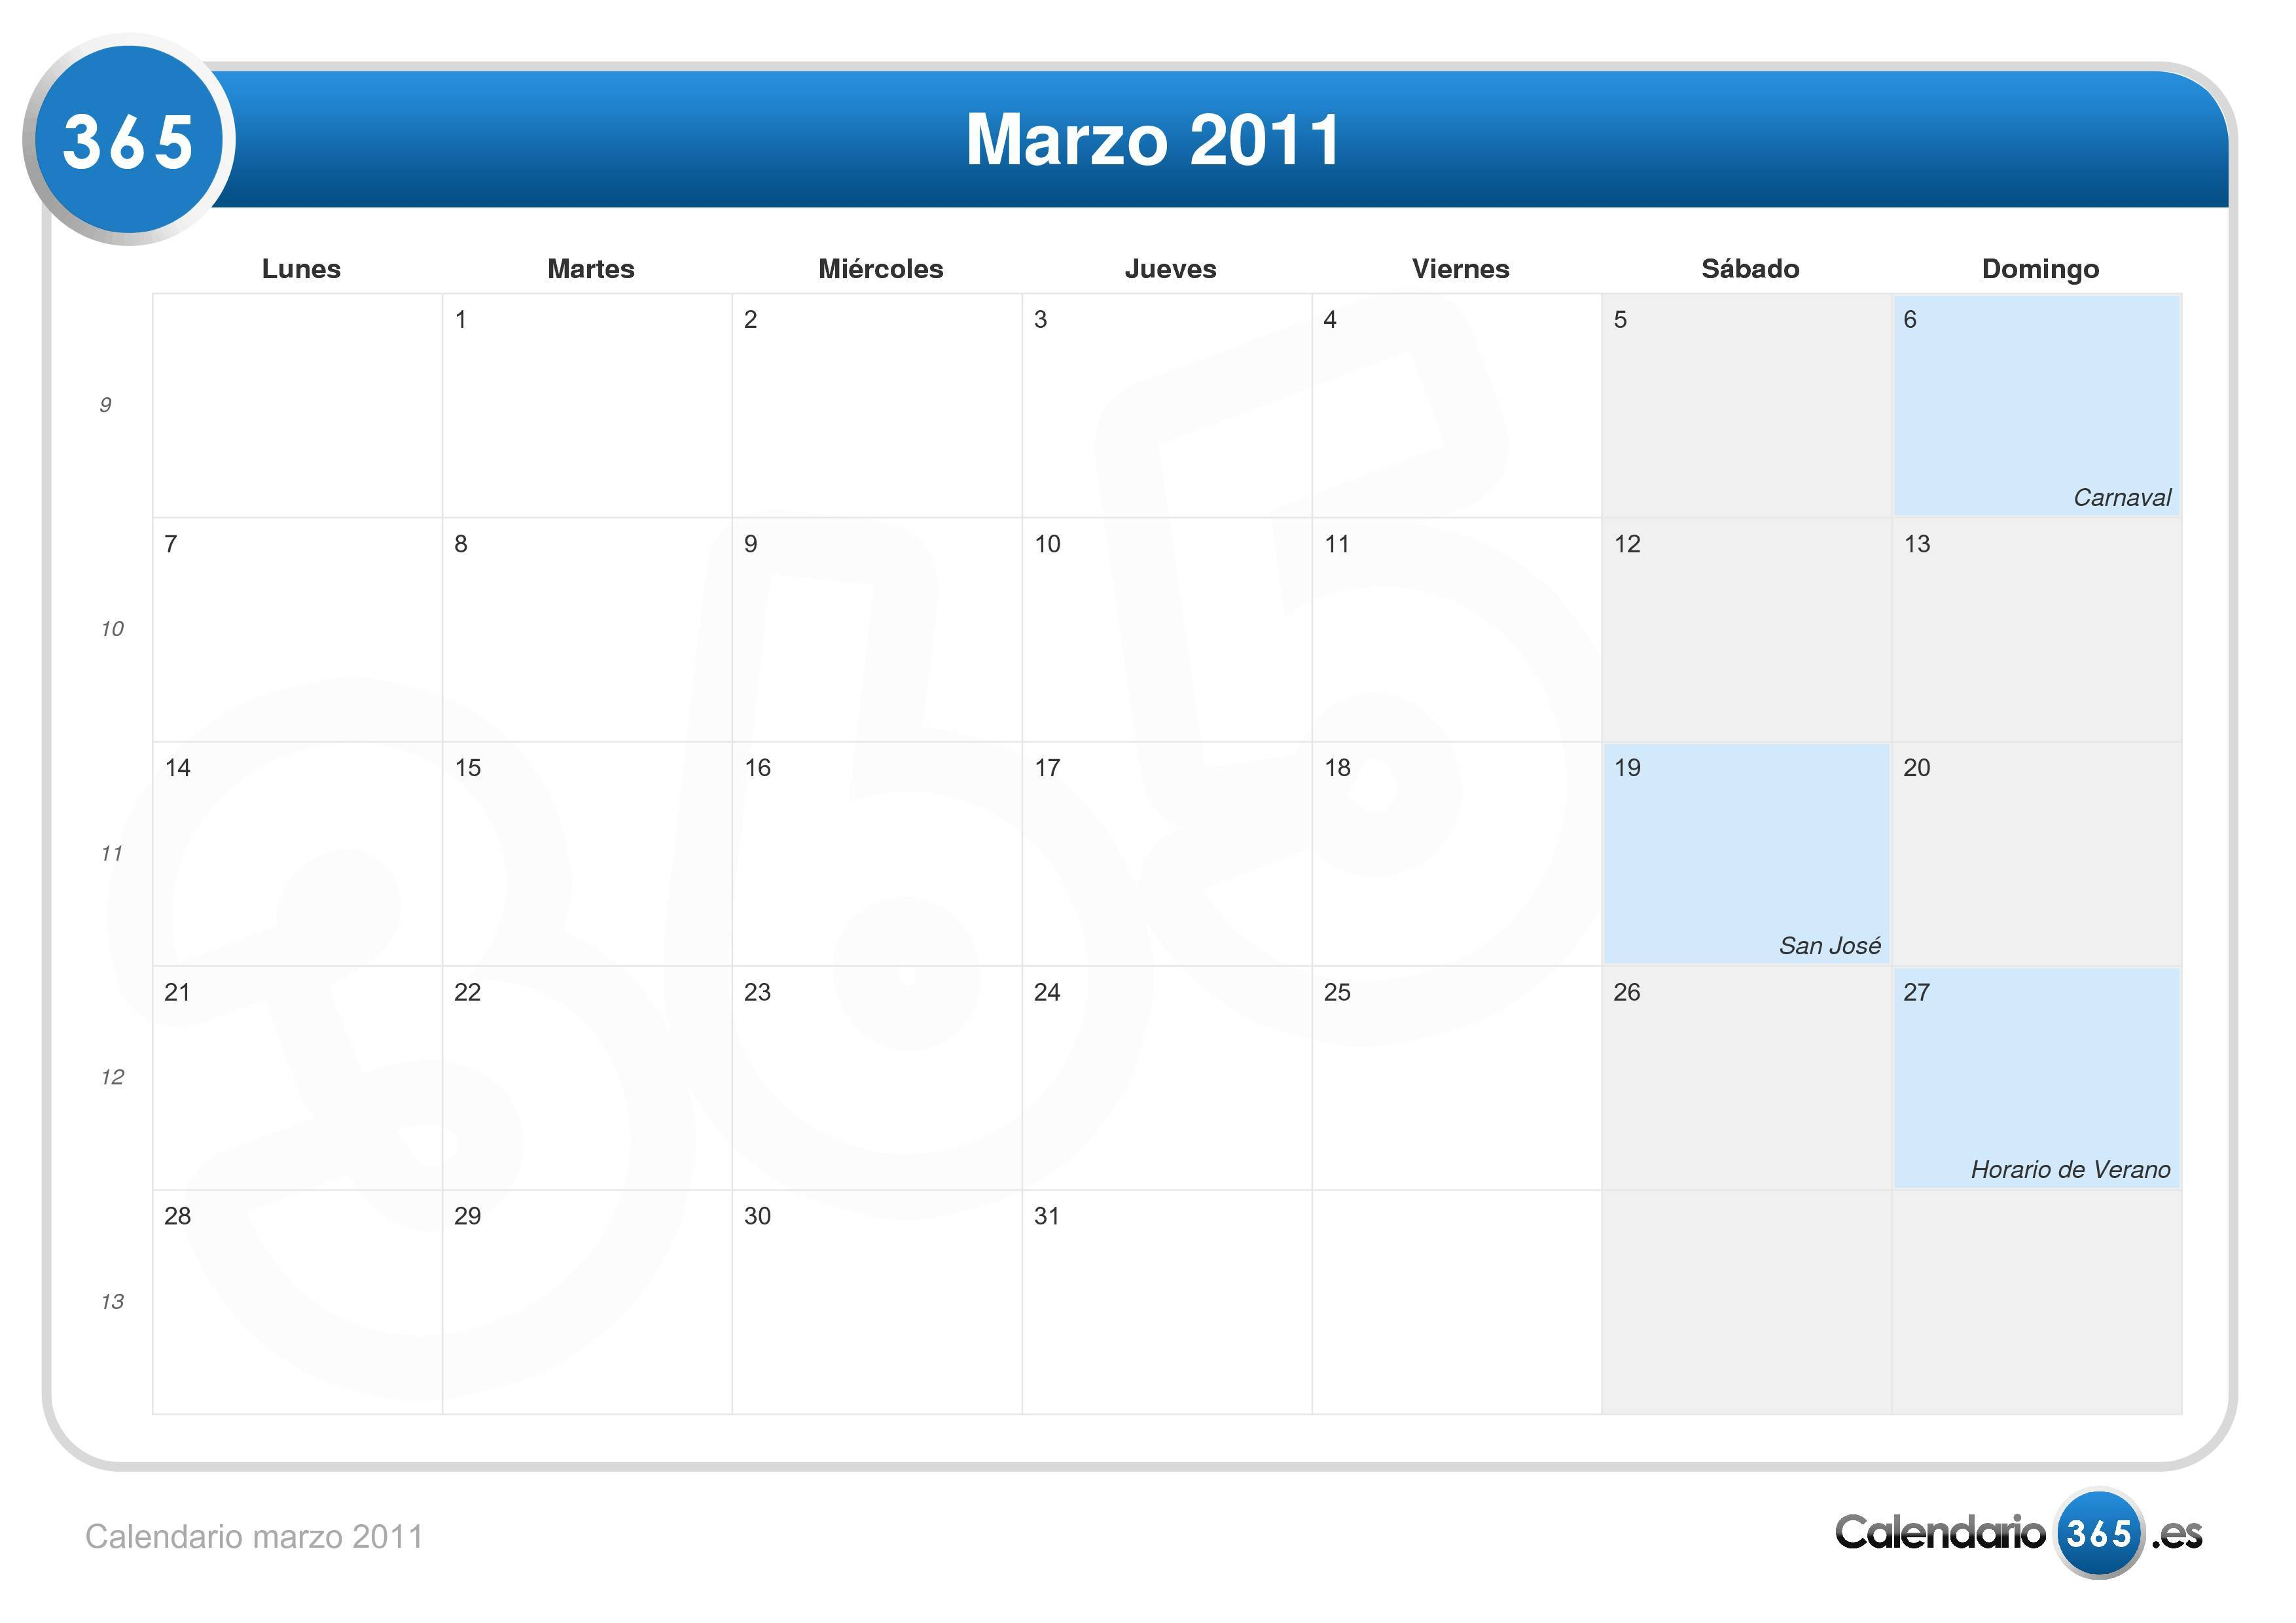 2011 Calendario.Calendario Marzo 2011